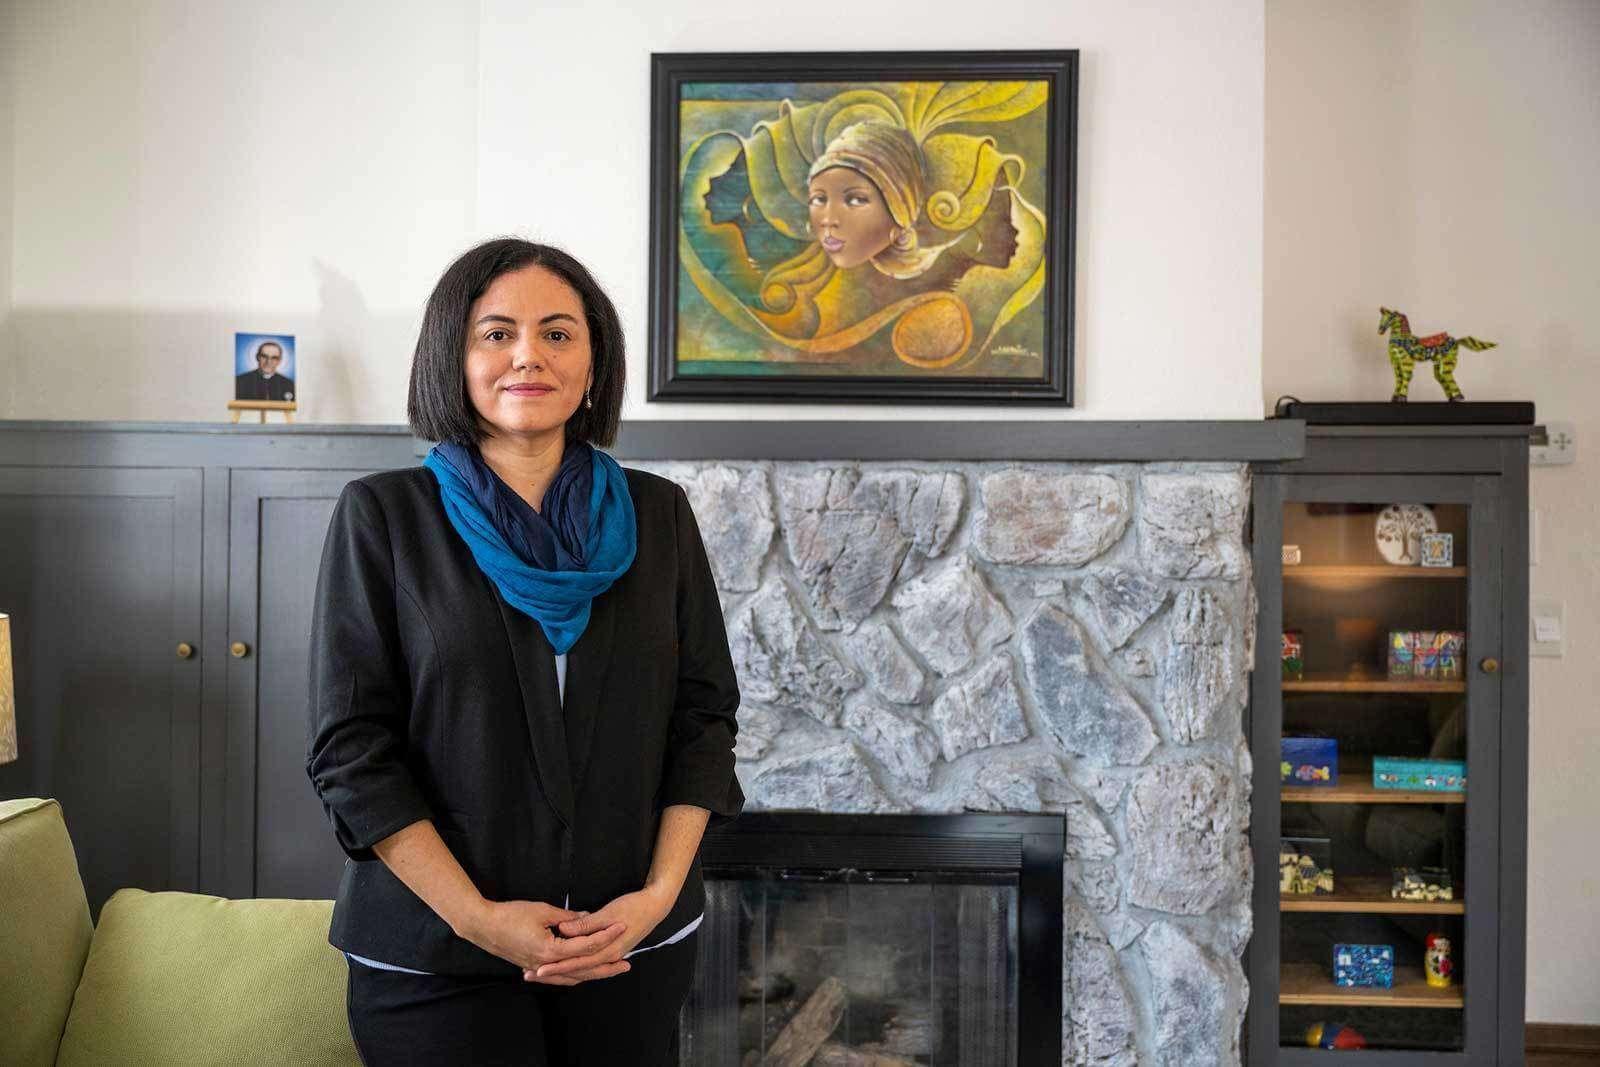 Professor Abby Córdova in her home.